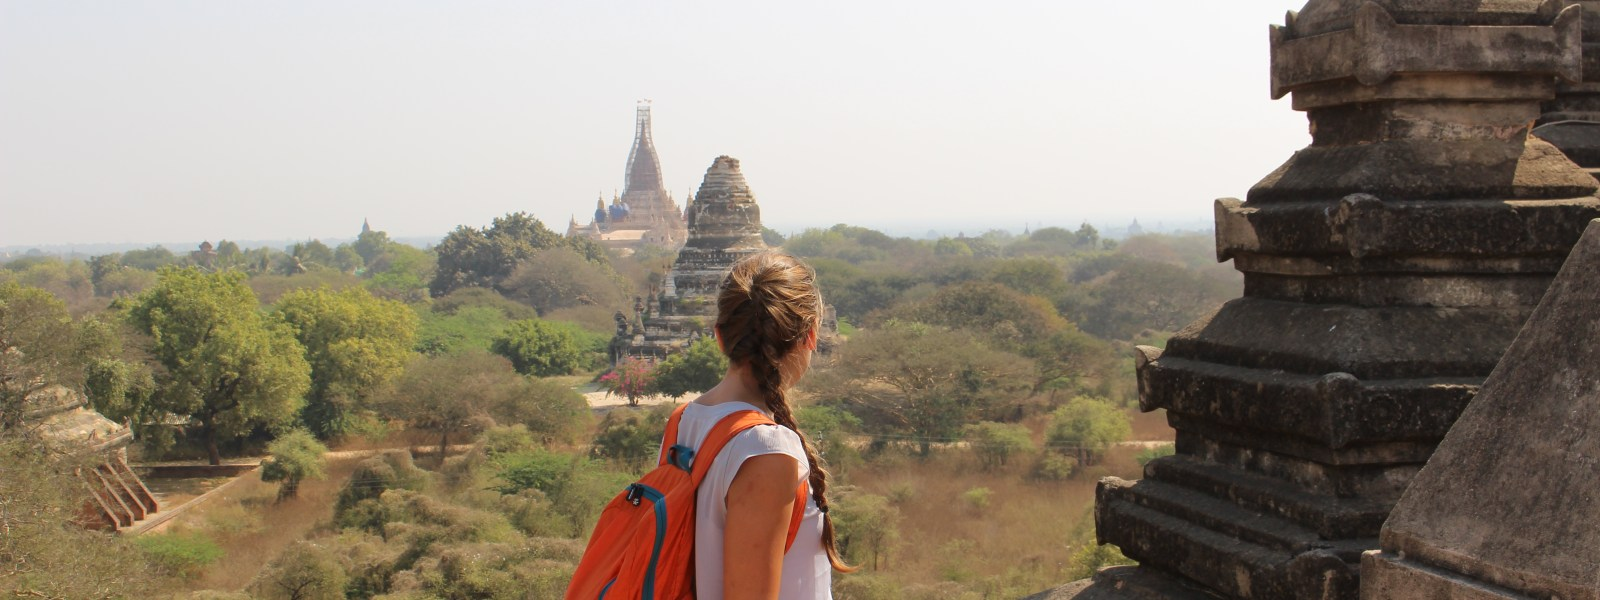 Mijn wishlist bezienswaardigheden in Myanmar